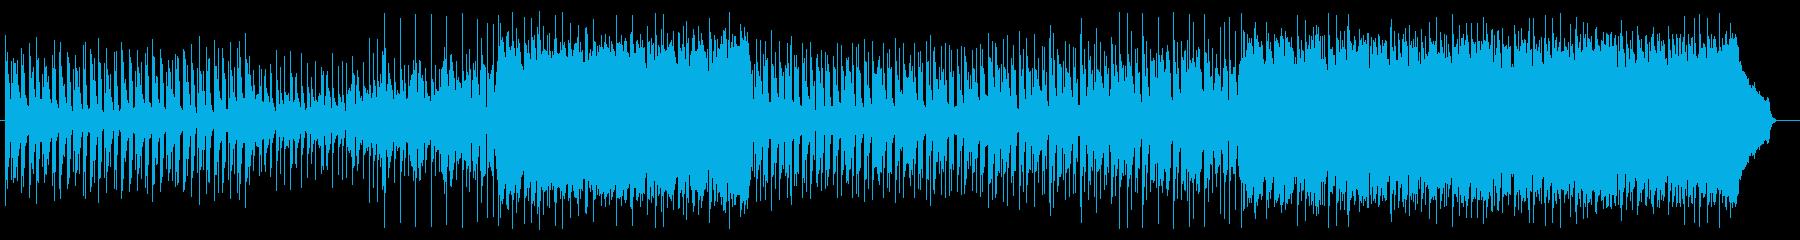 洋楽 Future Pop お洒落の再生済みの波形